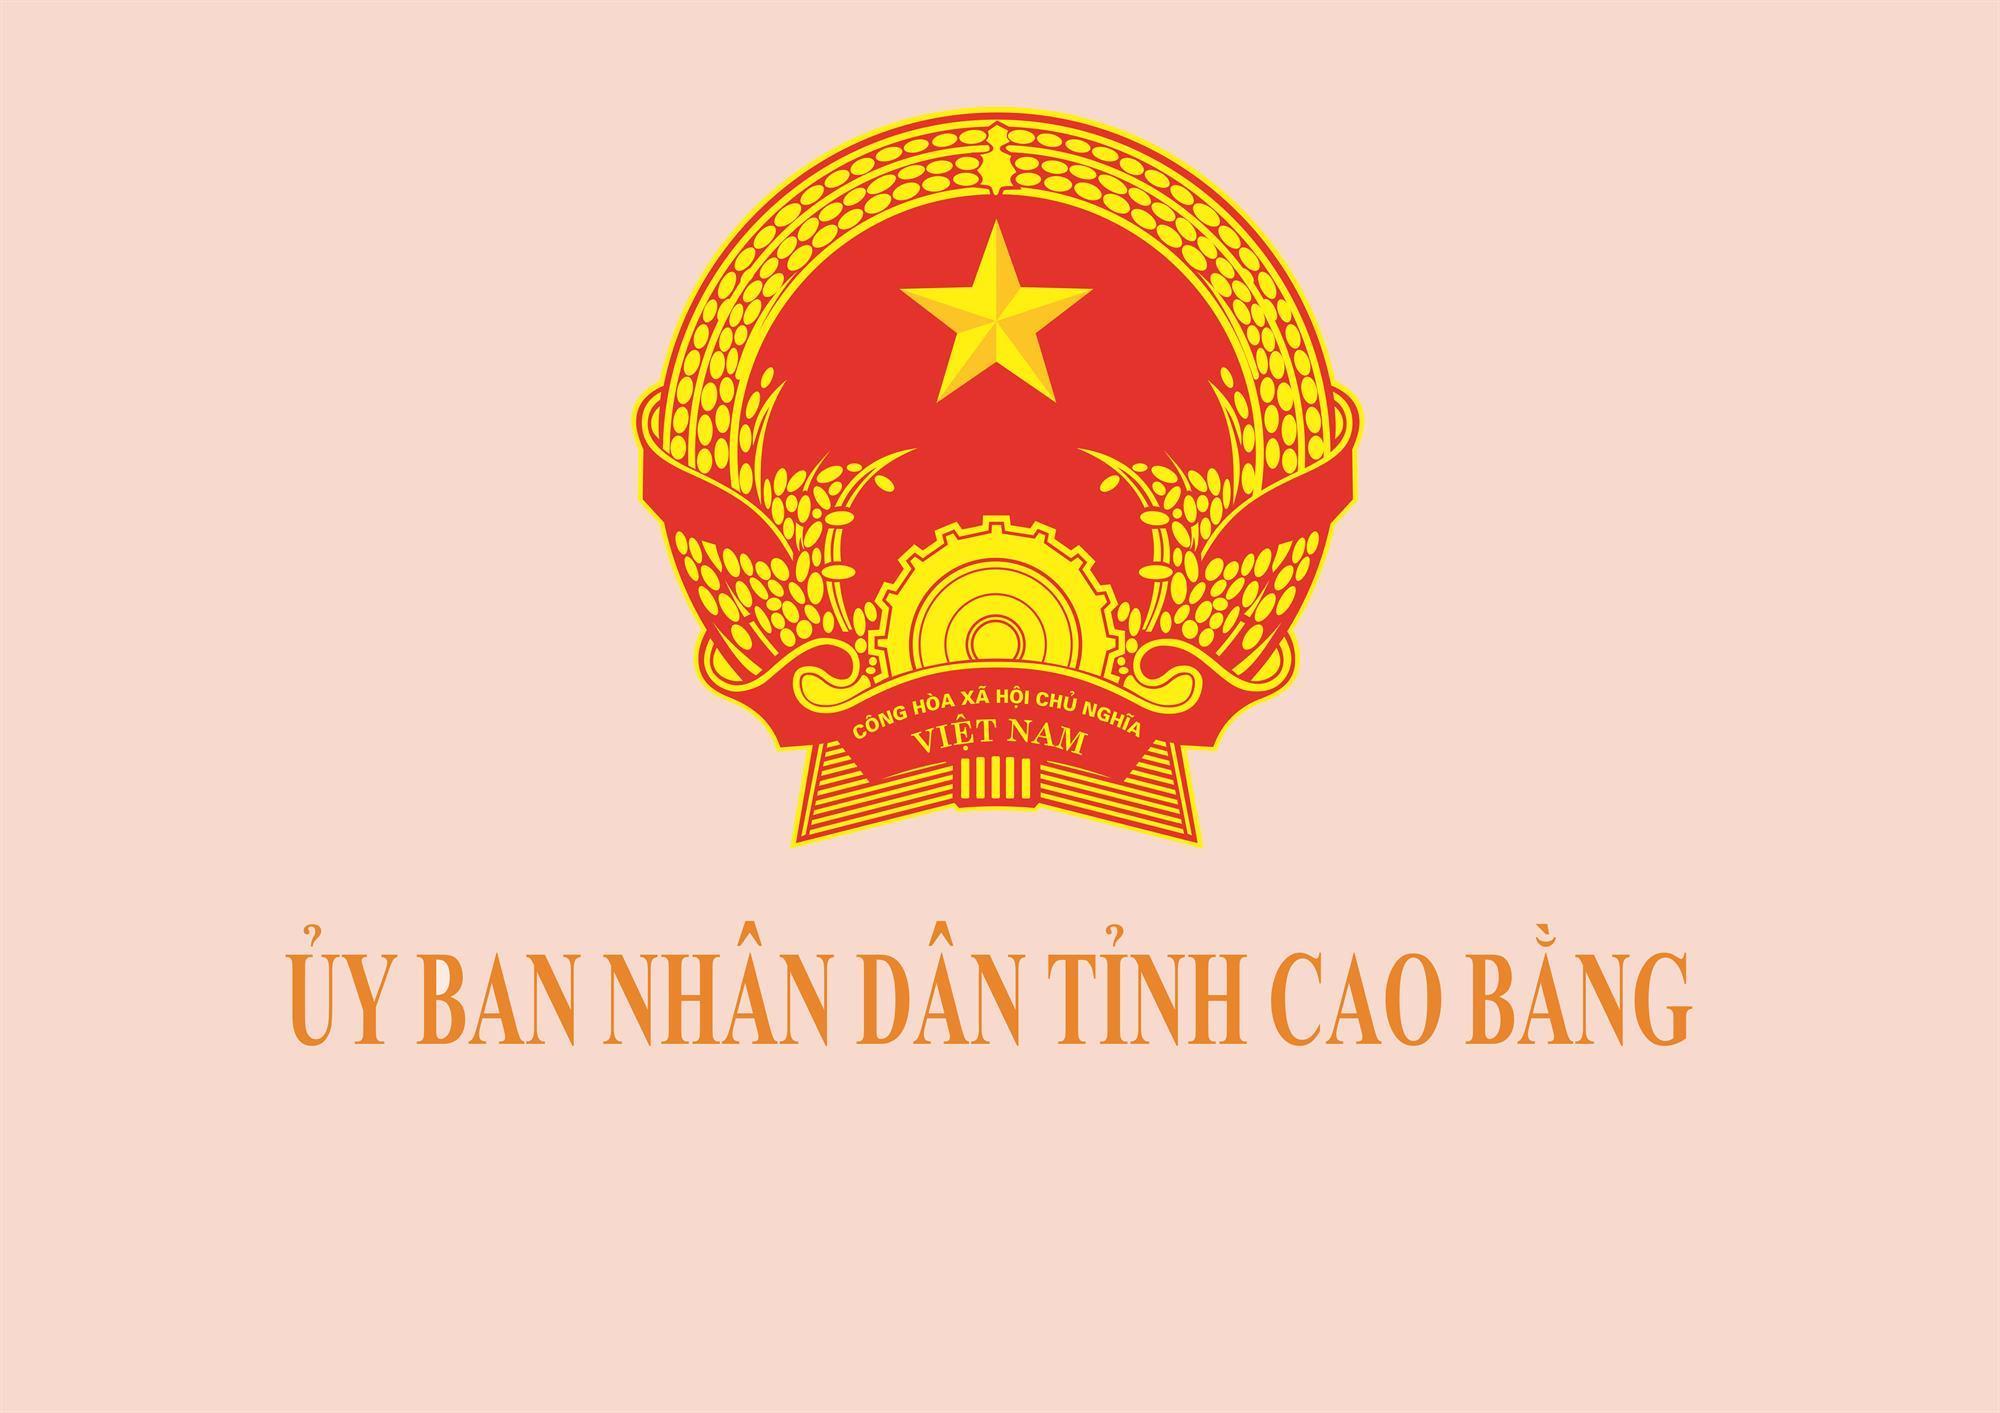 Chỉ đạo của Chủ tịch UBND tỉnh Cao Bằng